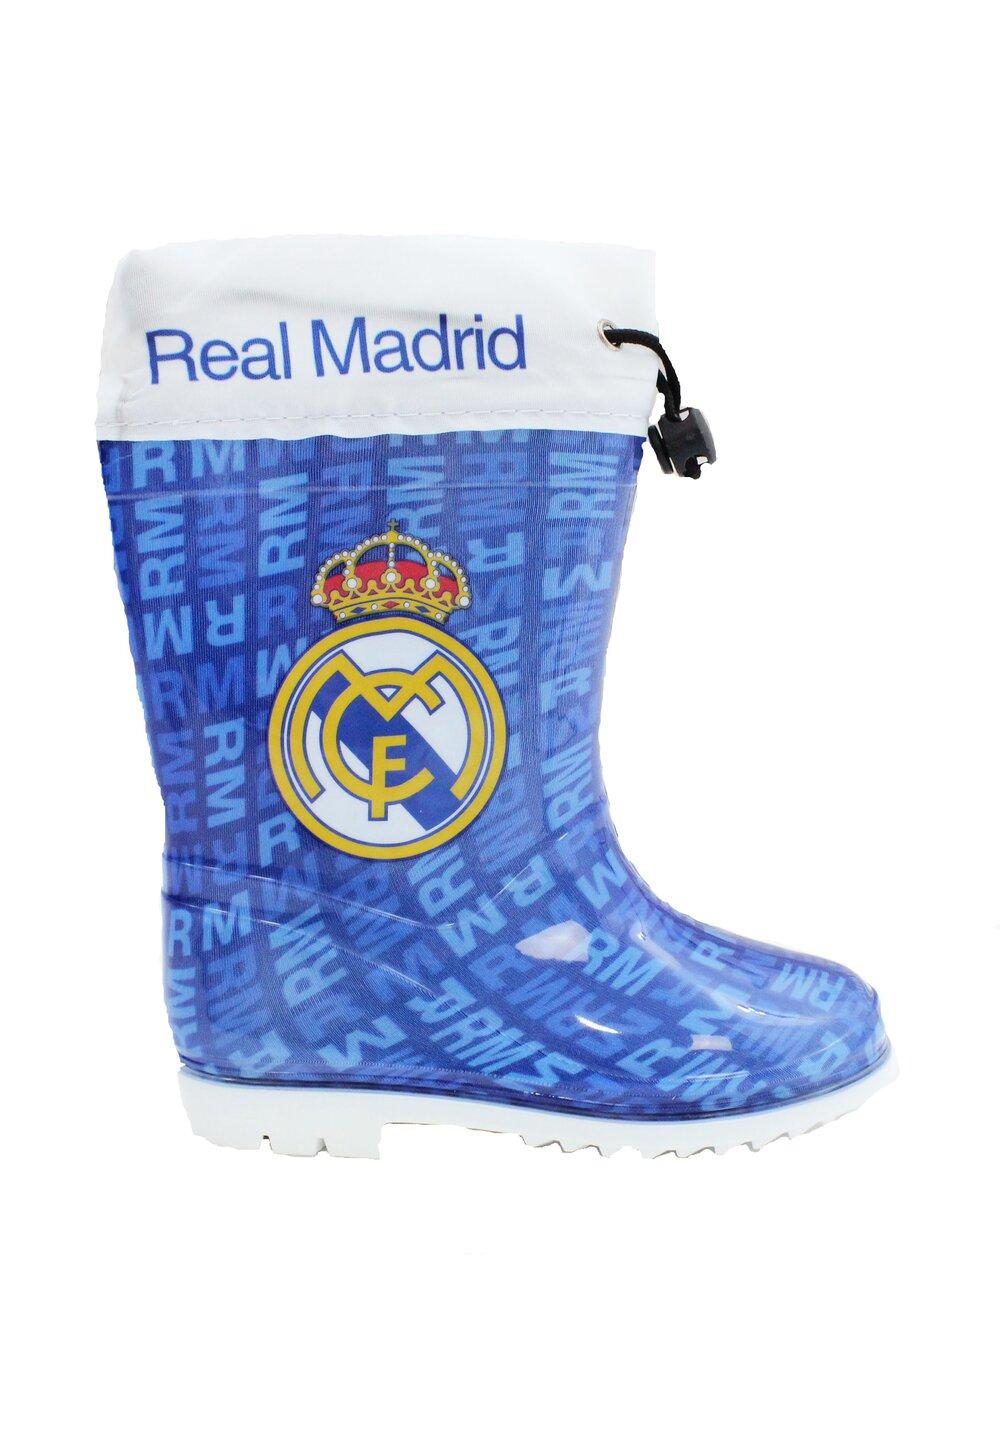 Cizme cauciuc din PVC, Real Madrid, albastre